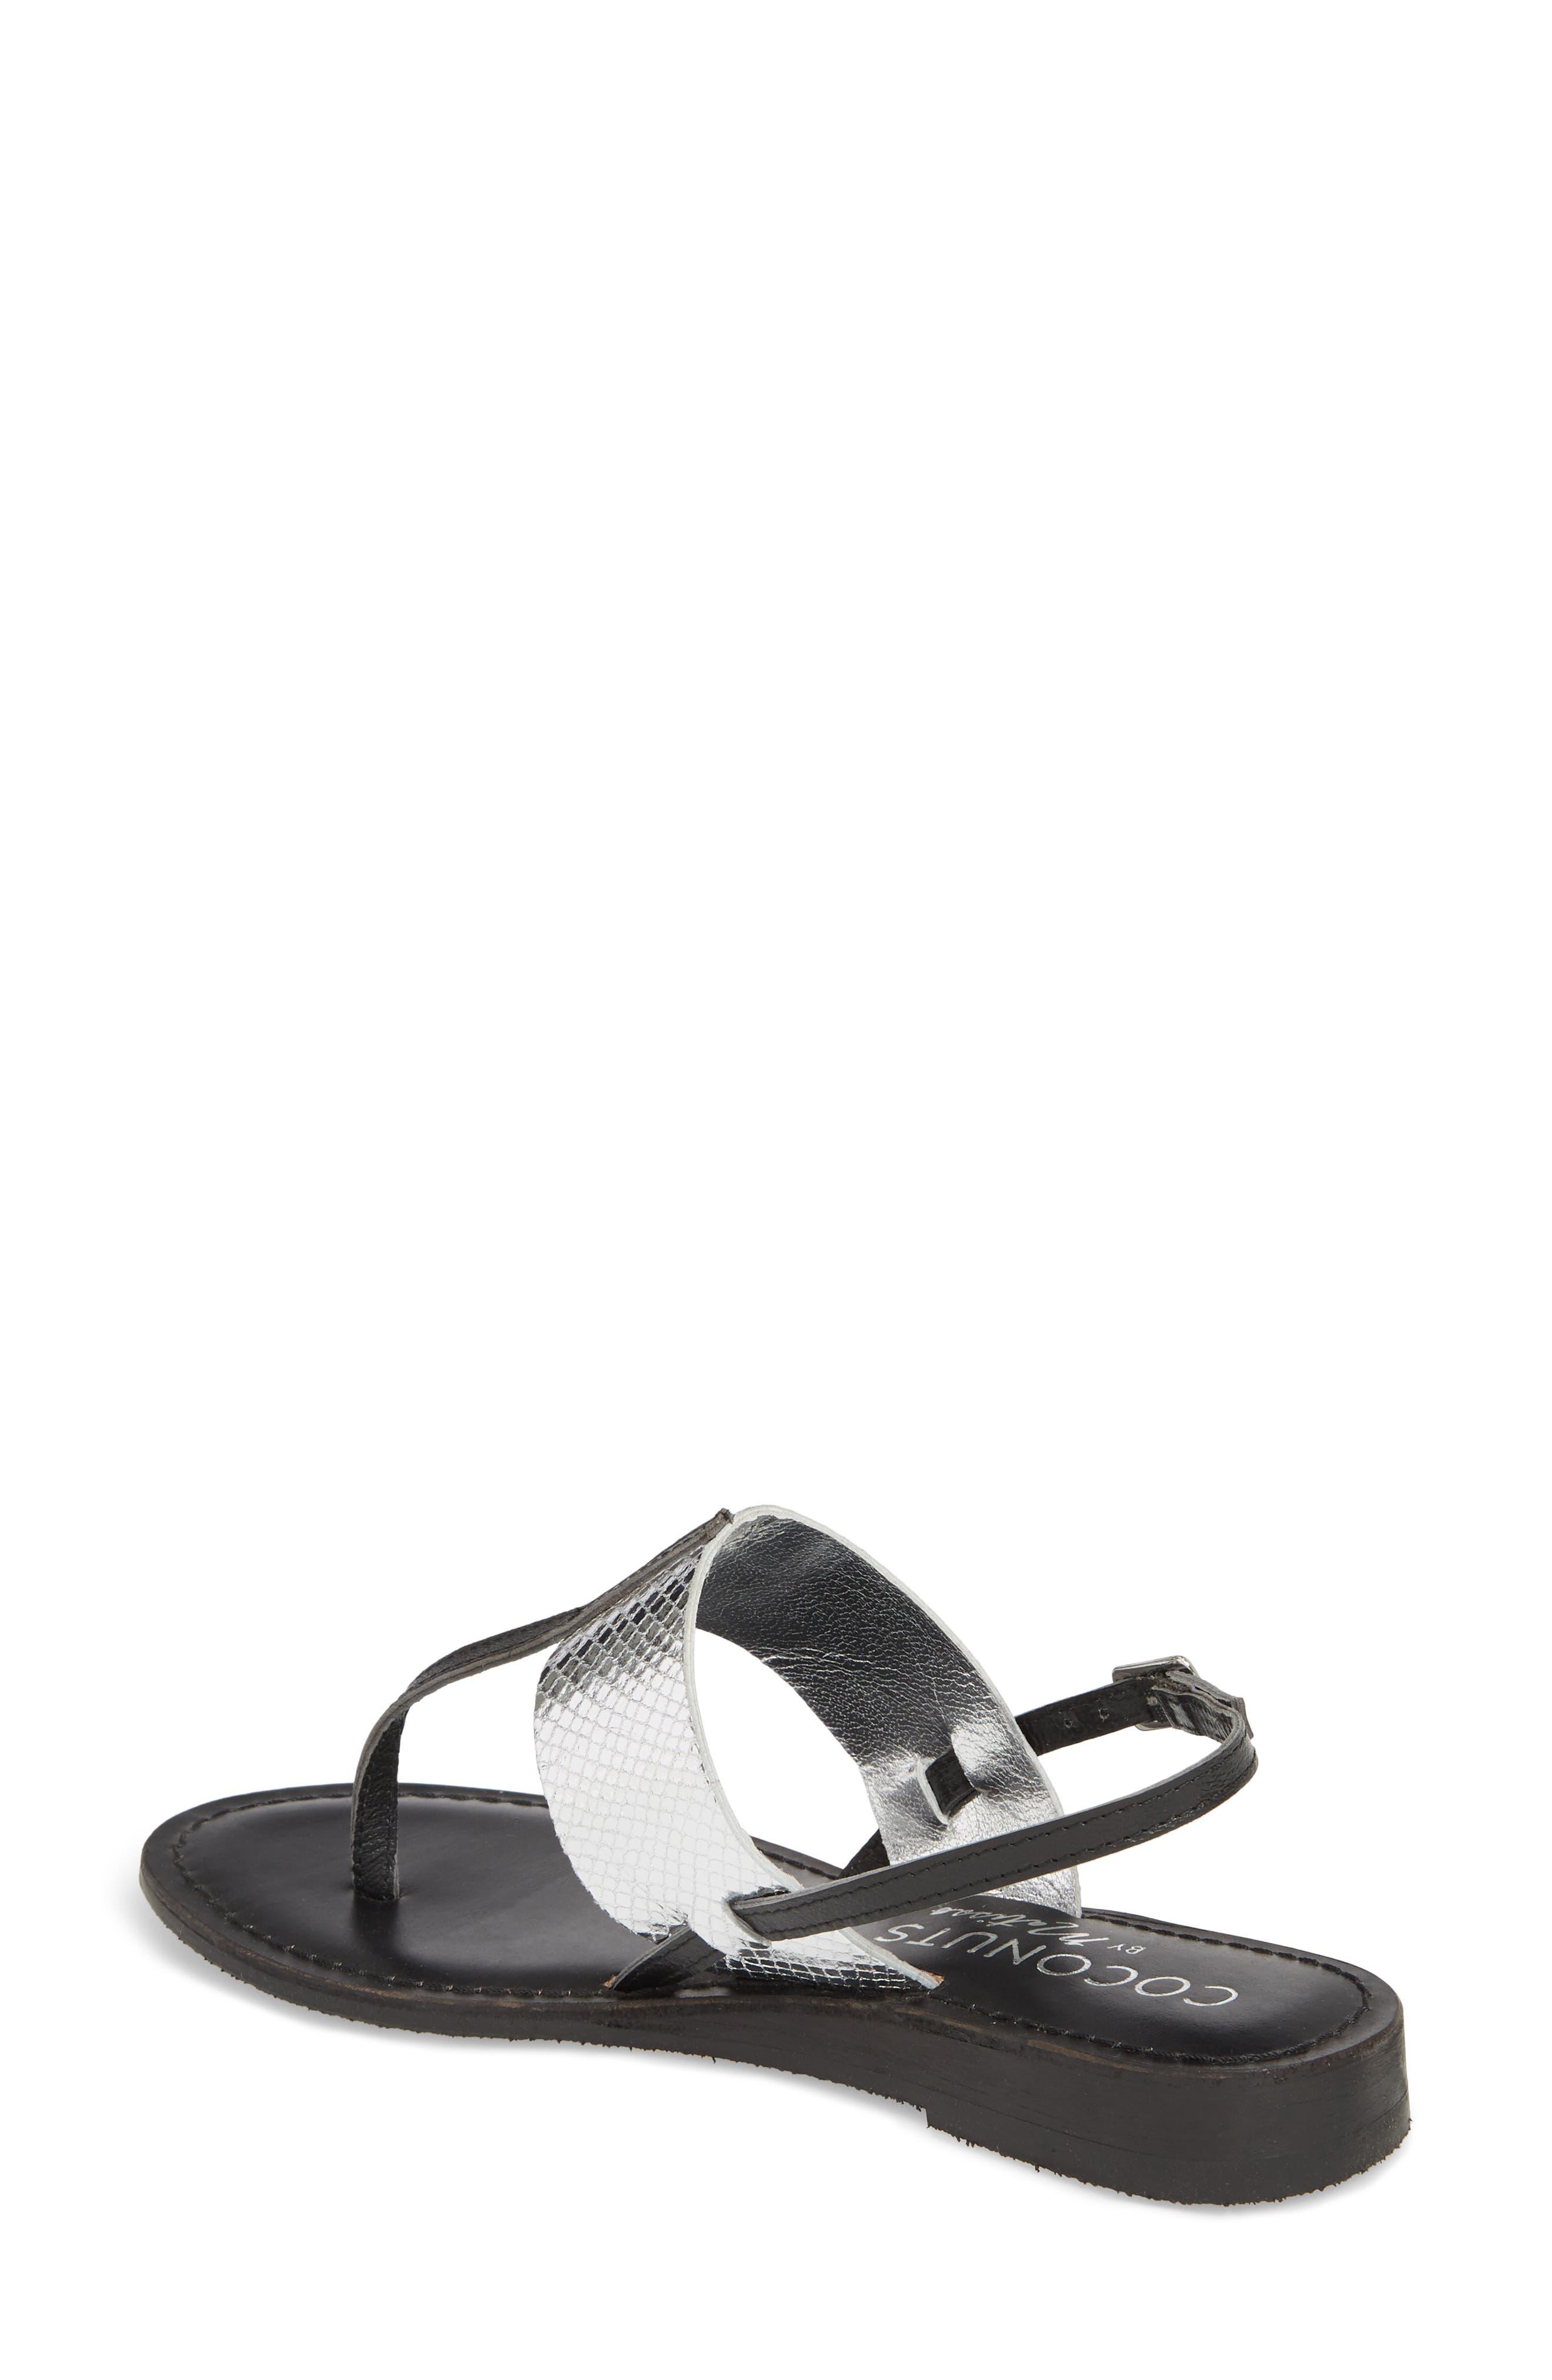 Valenti Sandal,                             Alternate thumbnail 2, color,                             Black Leather